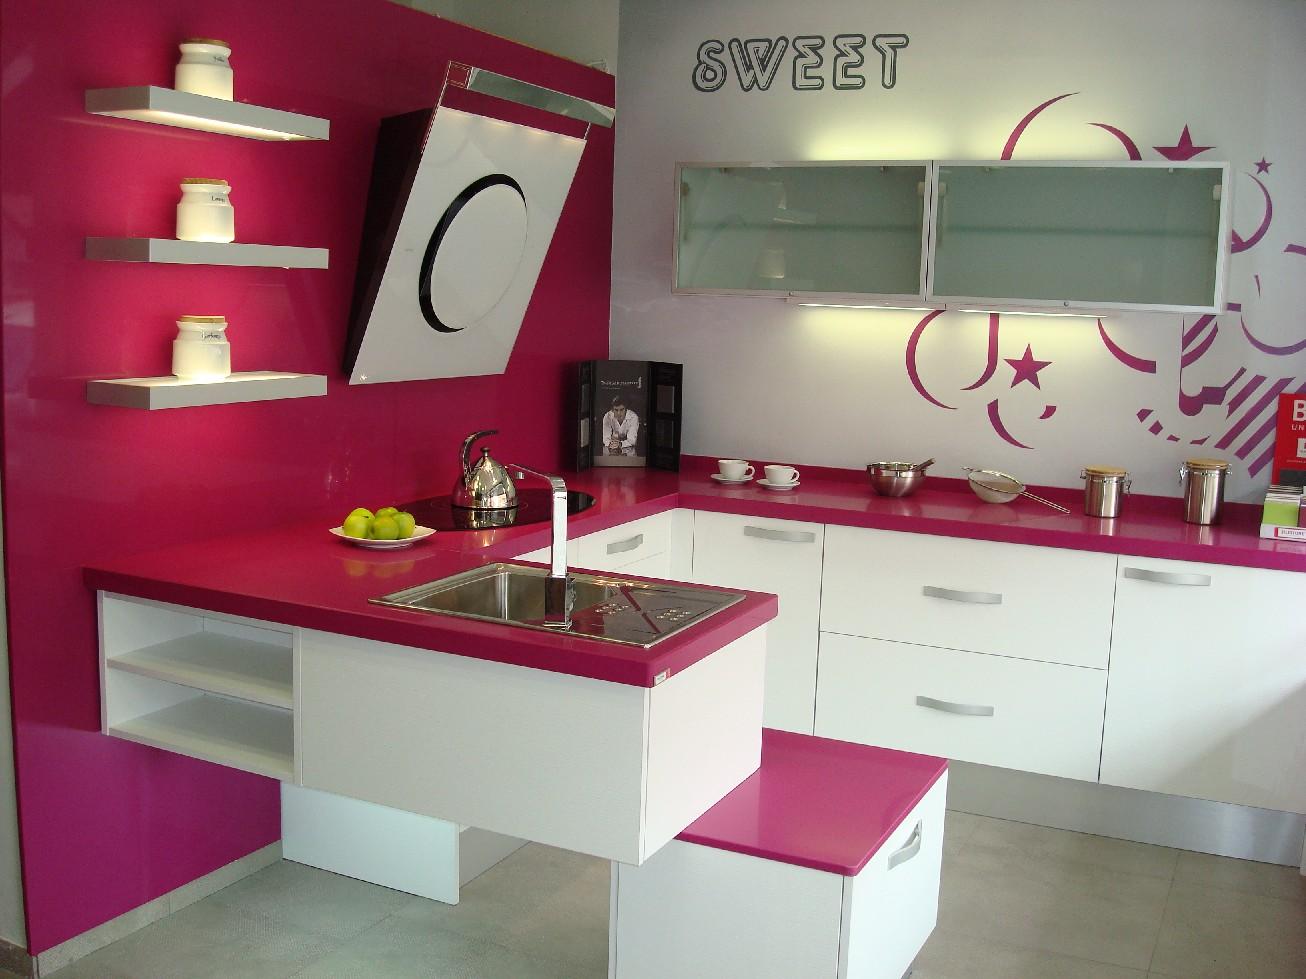 Dise o y decoraci n de cocinas encimeras por encima de for Software para diseno de cocinas integrales gratis